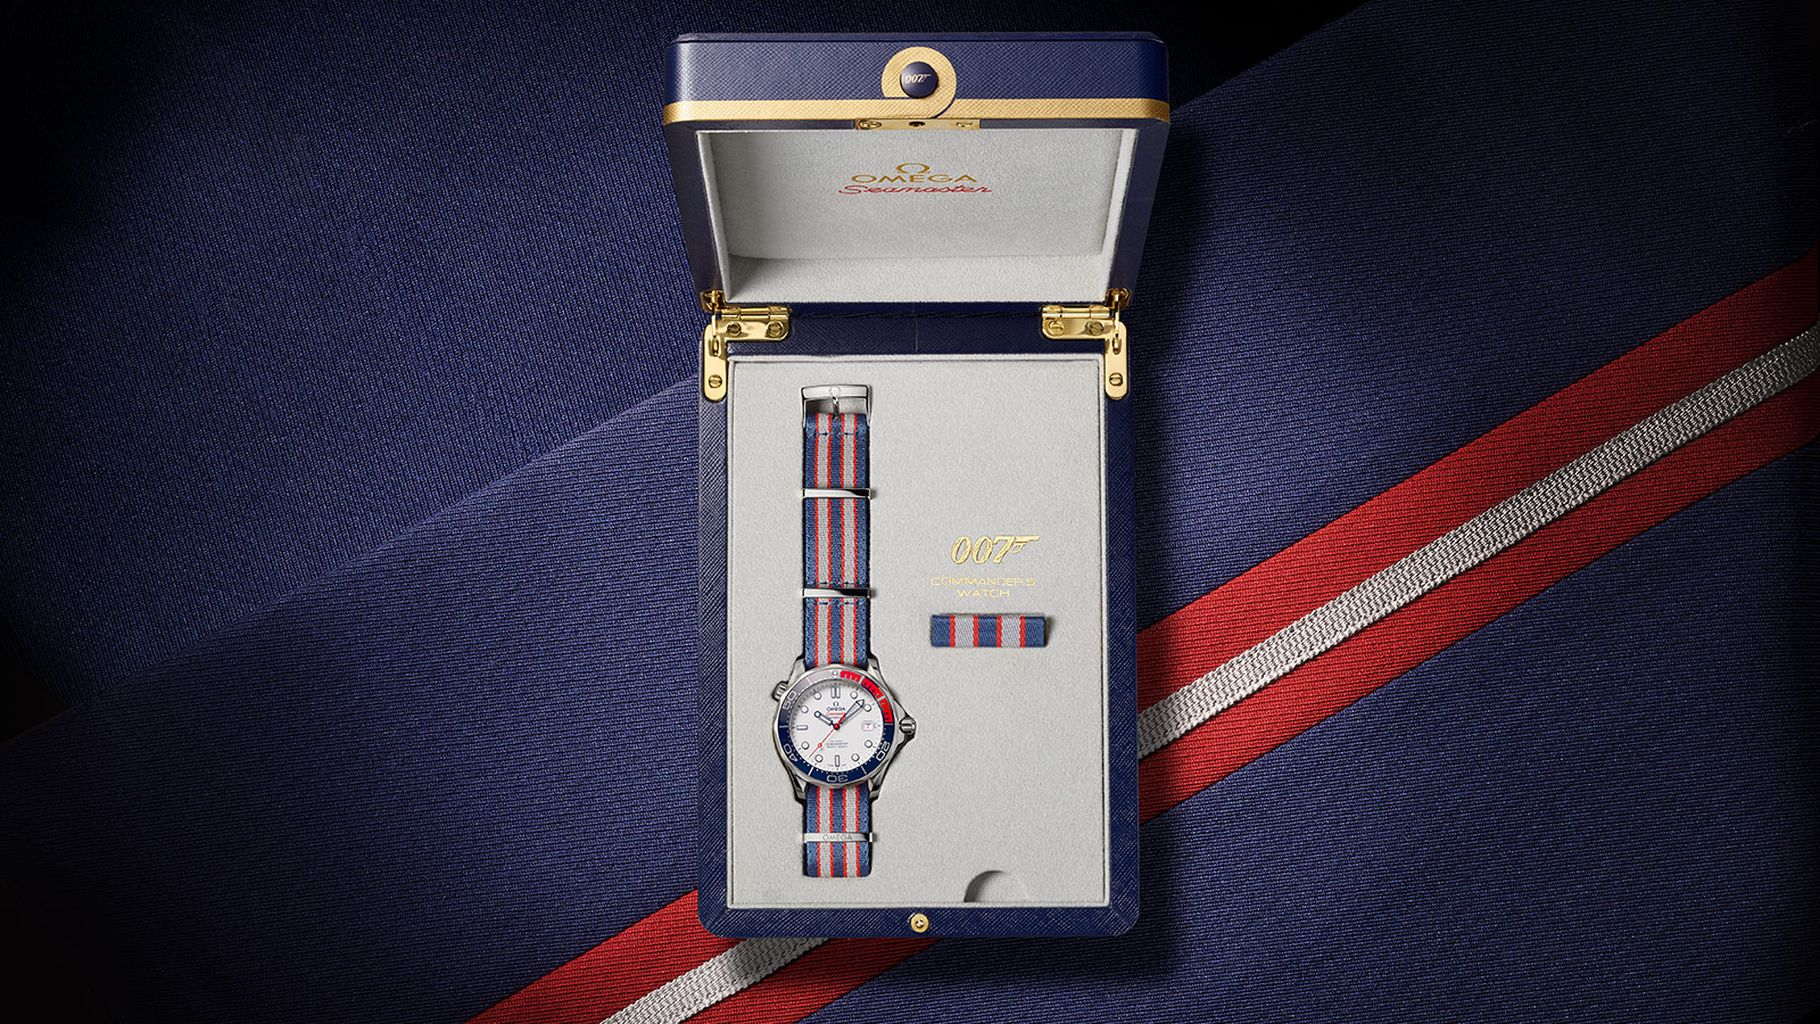 OMEGA Seamaster Diver 300M Commander's Watch в честь сэра Джеймса Бонда